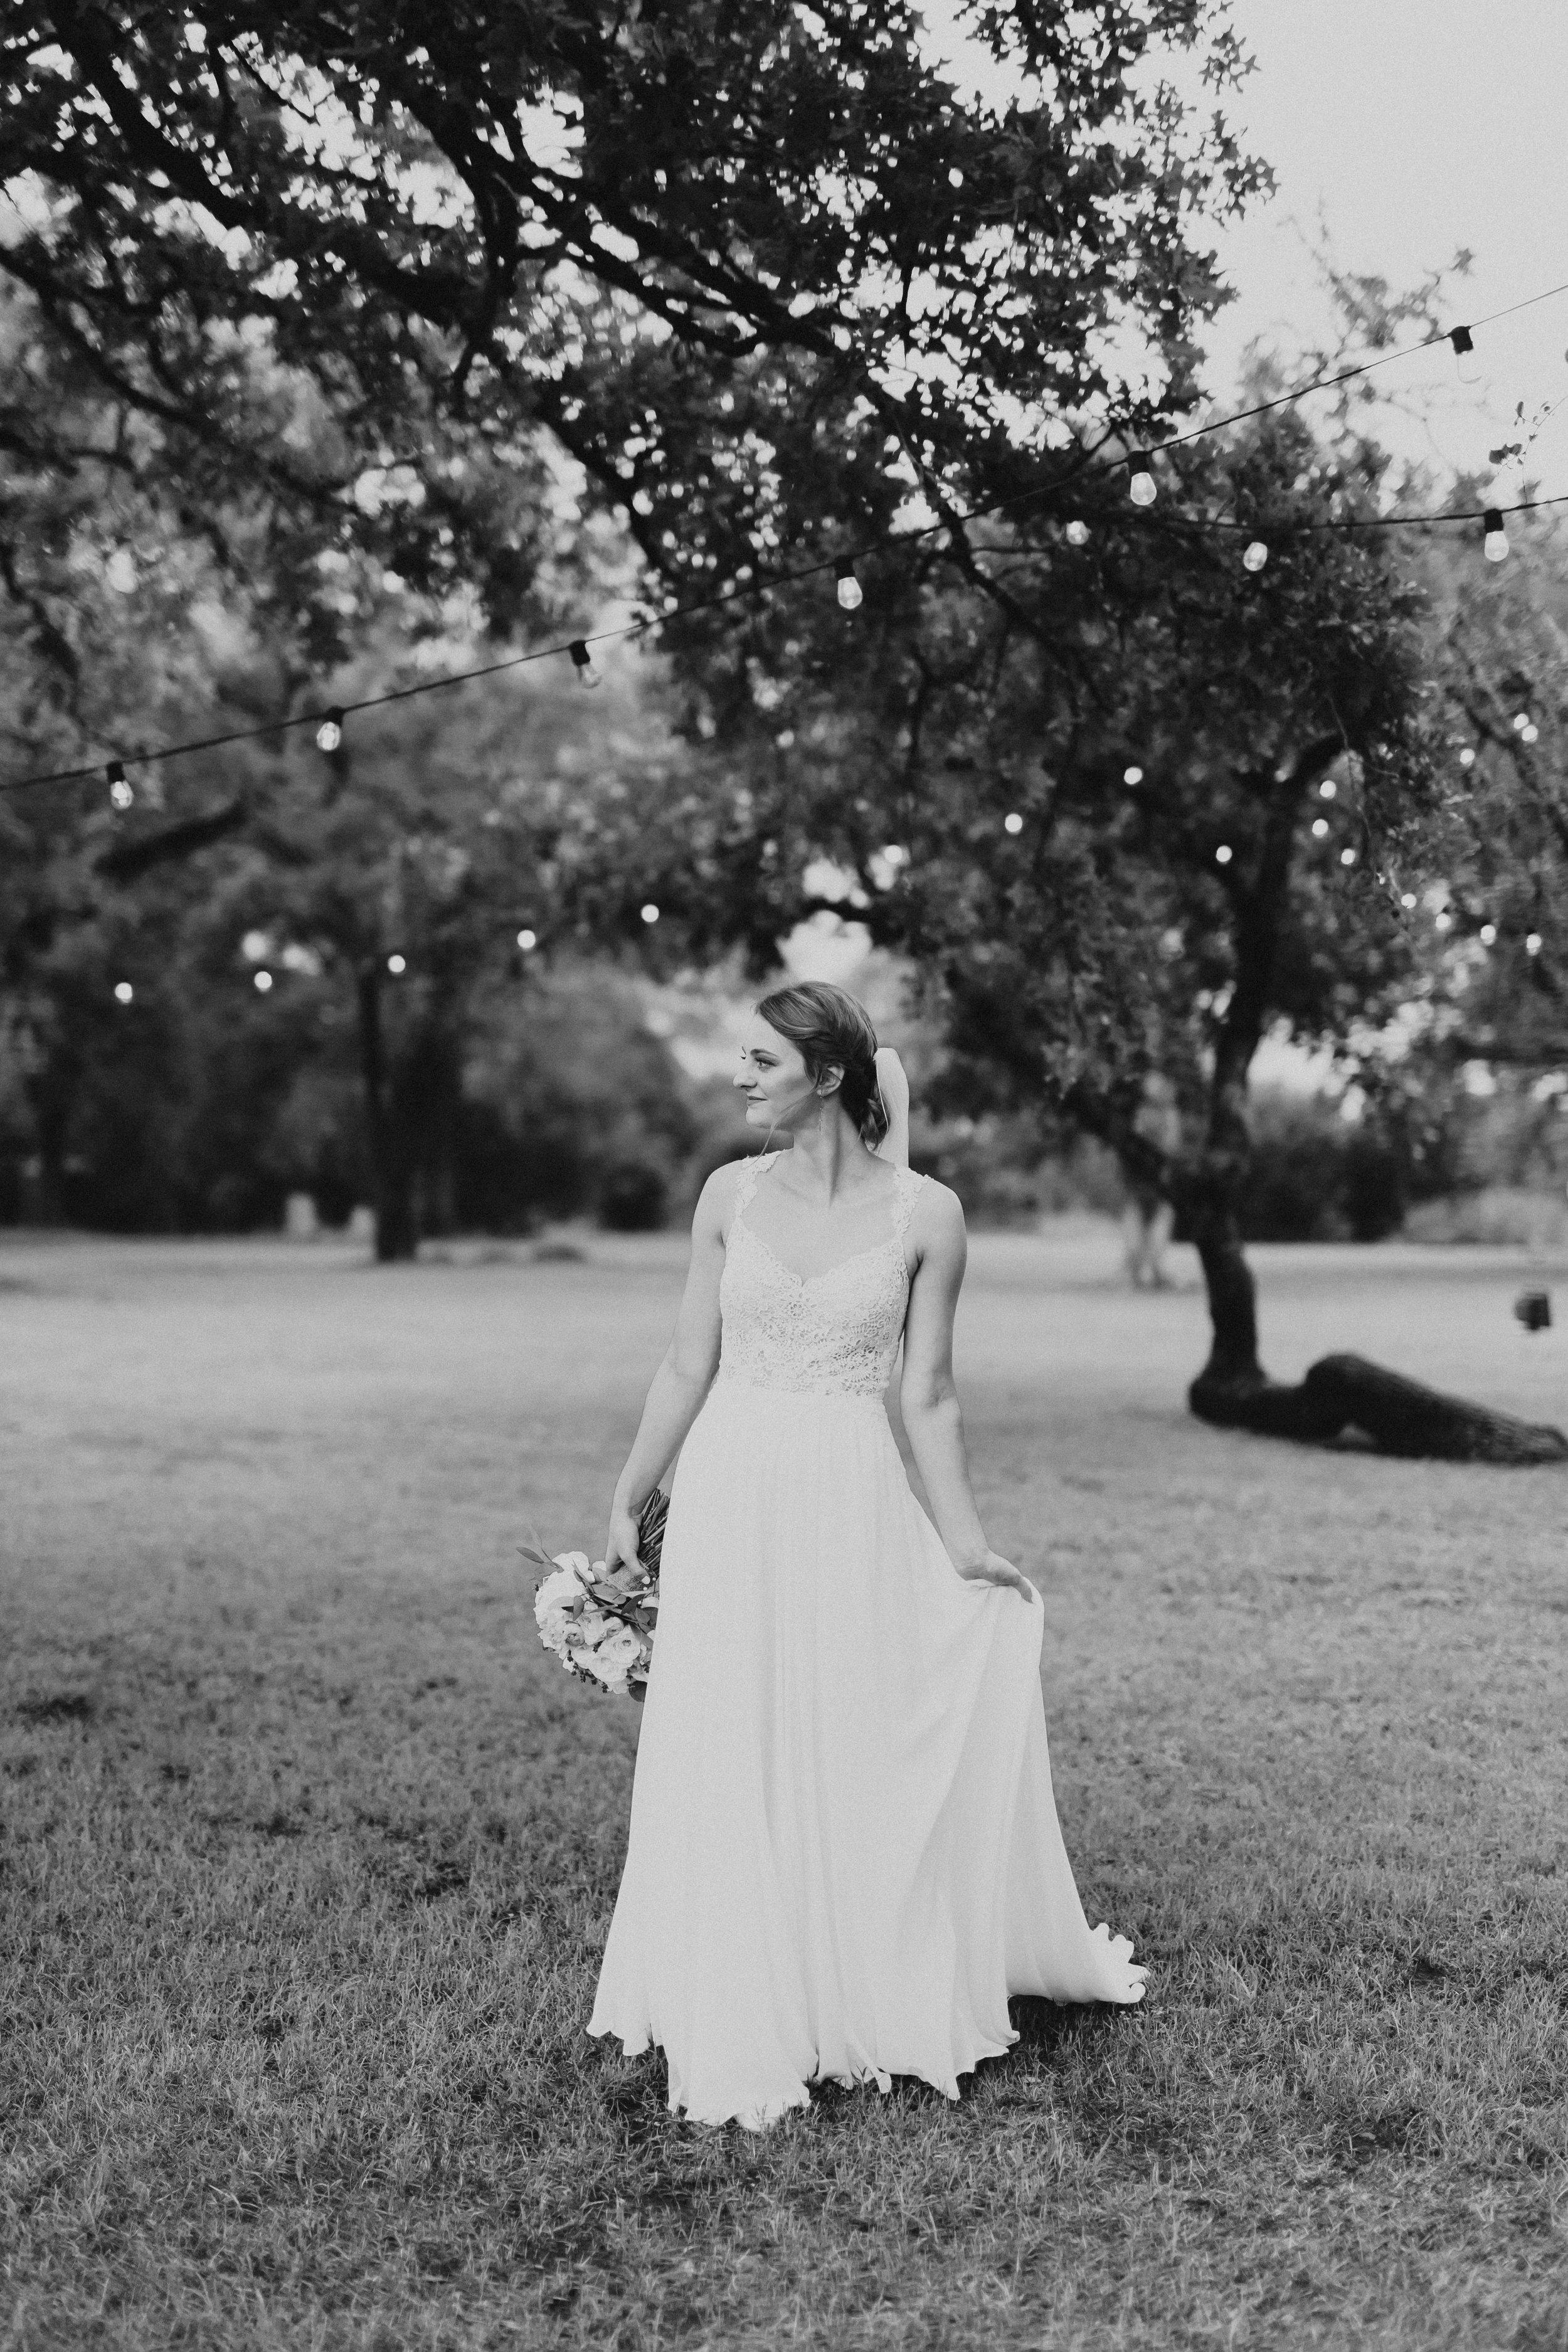 HAILEY-TIM-wedding-photographer-kindred-oaks-texas-317-1.jpg